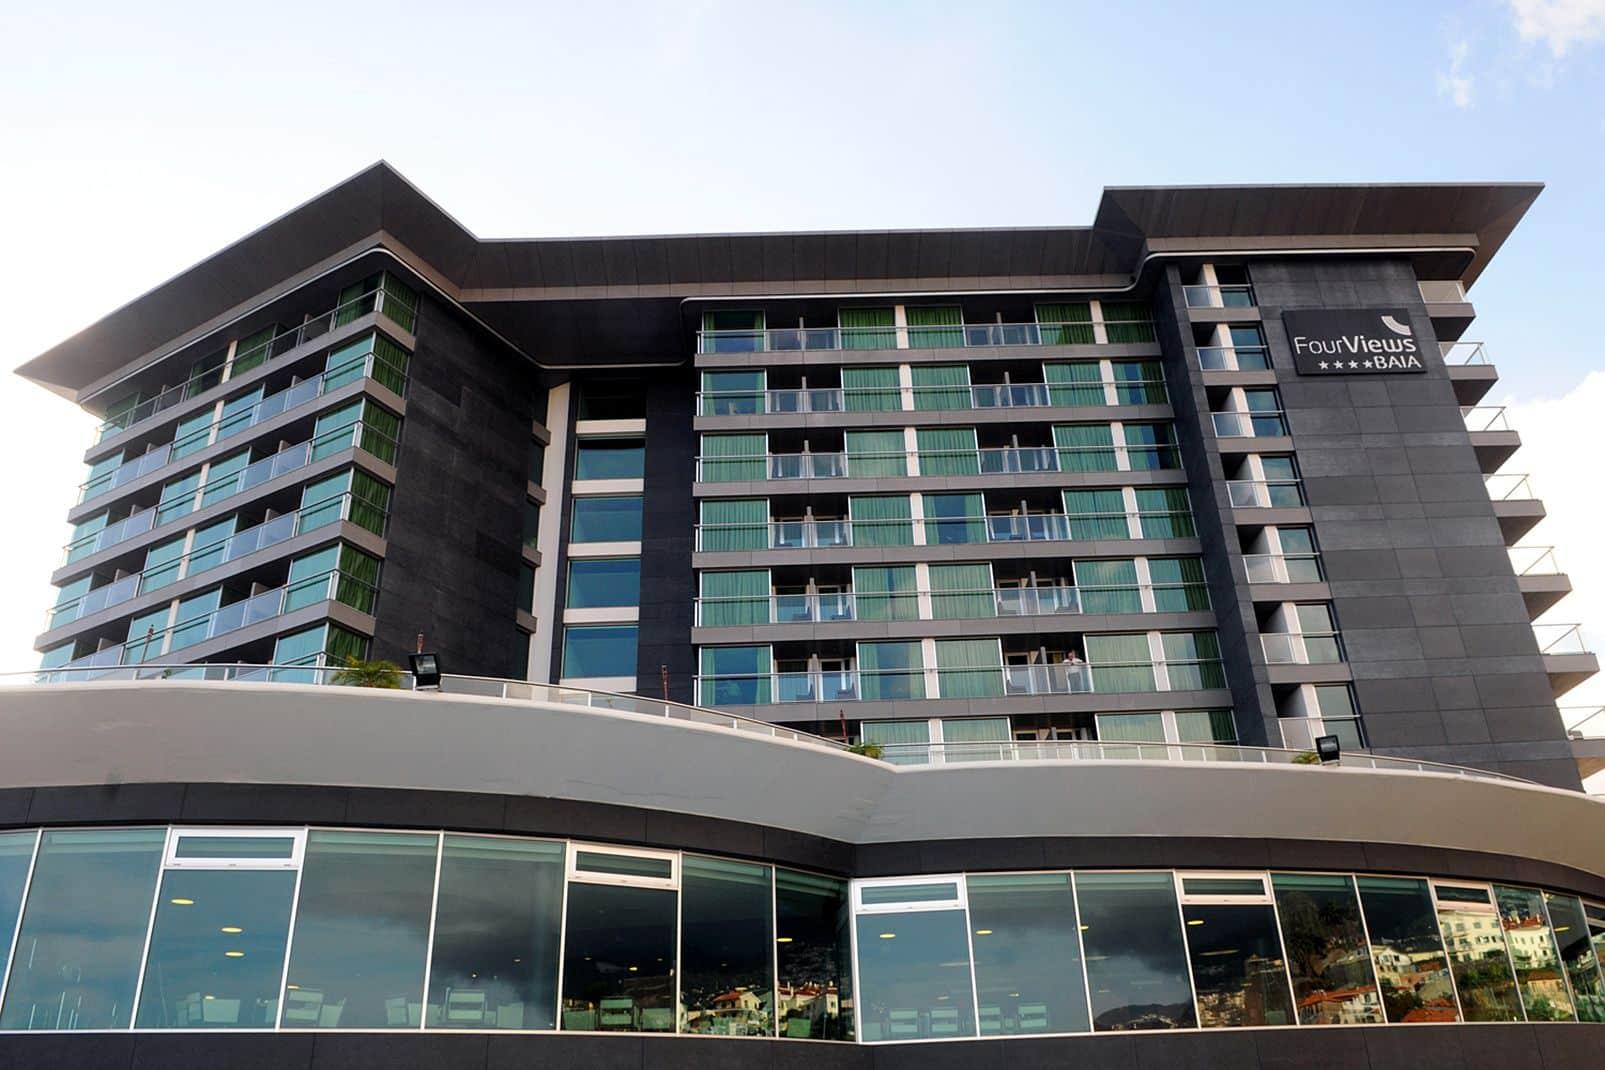 Appart hôtel Londres : accessibles ou pas ?